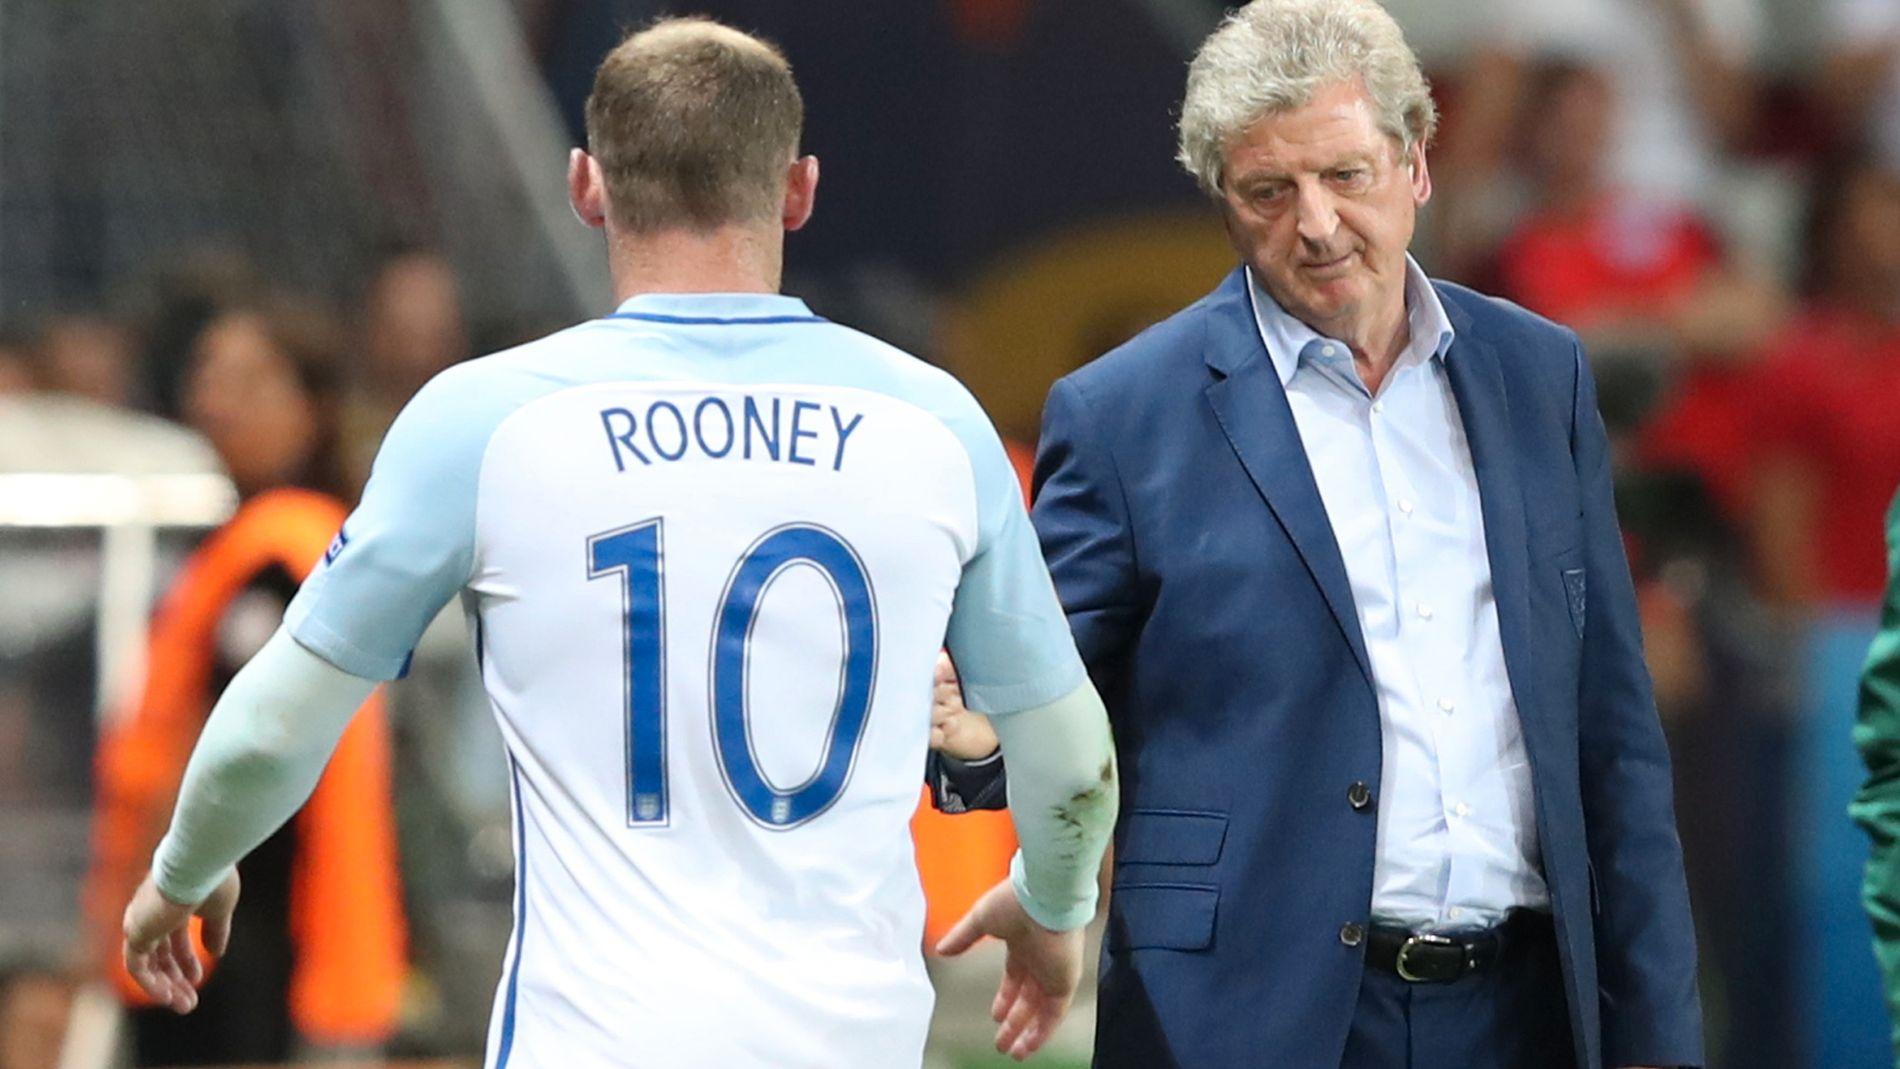 FERDIG: Roy Hodgson tok av sin kaptein mot slutten av Island-kampen, men innbytter Marcus Rashford klarte ikke å snu kampen på de få minuttene som gjensto. Nå er Hodgson ferdig som trener.